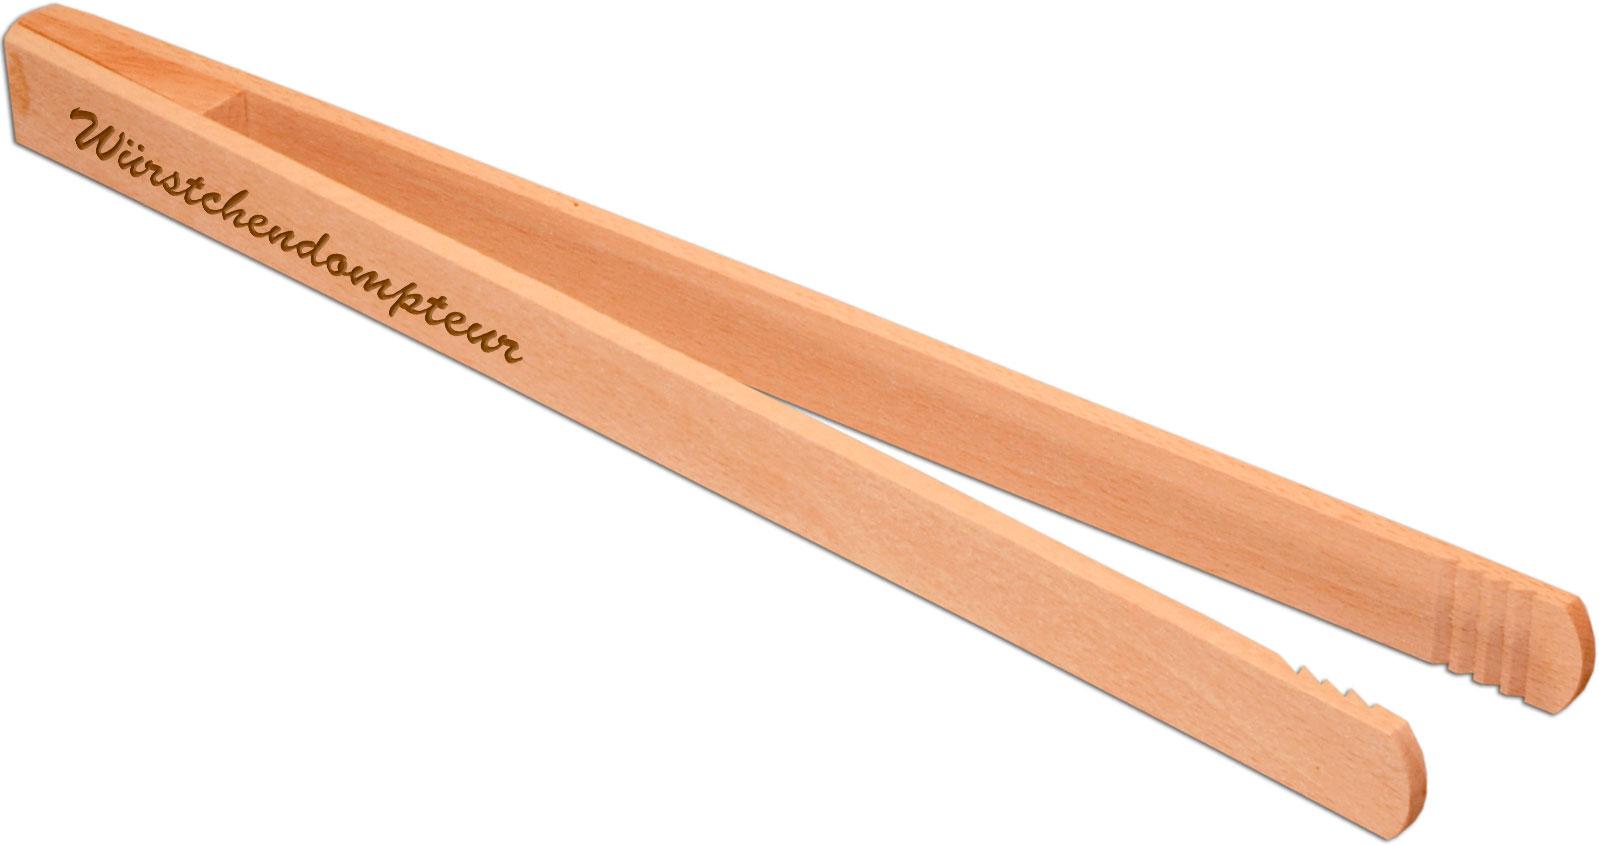 grillzange-geleimt-aus-buche-30-cm-mit-lasergravur-10333-l-15